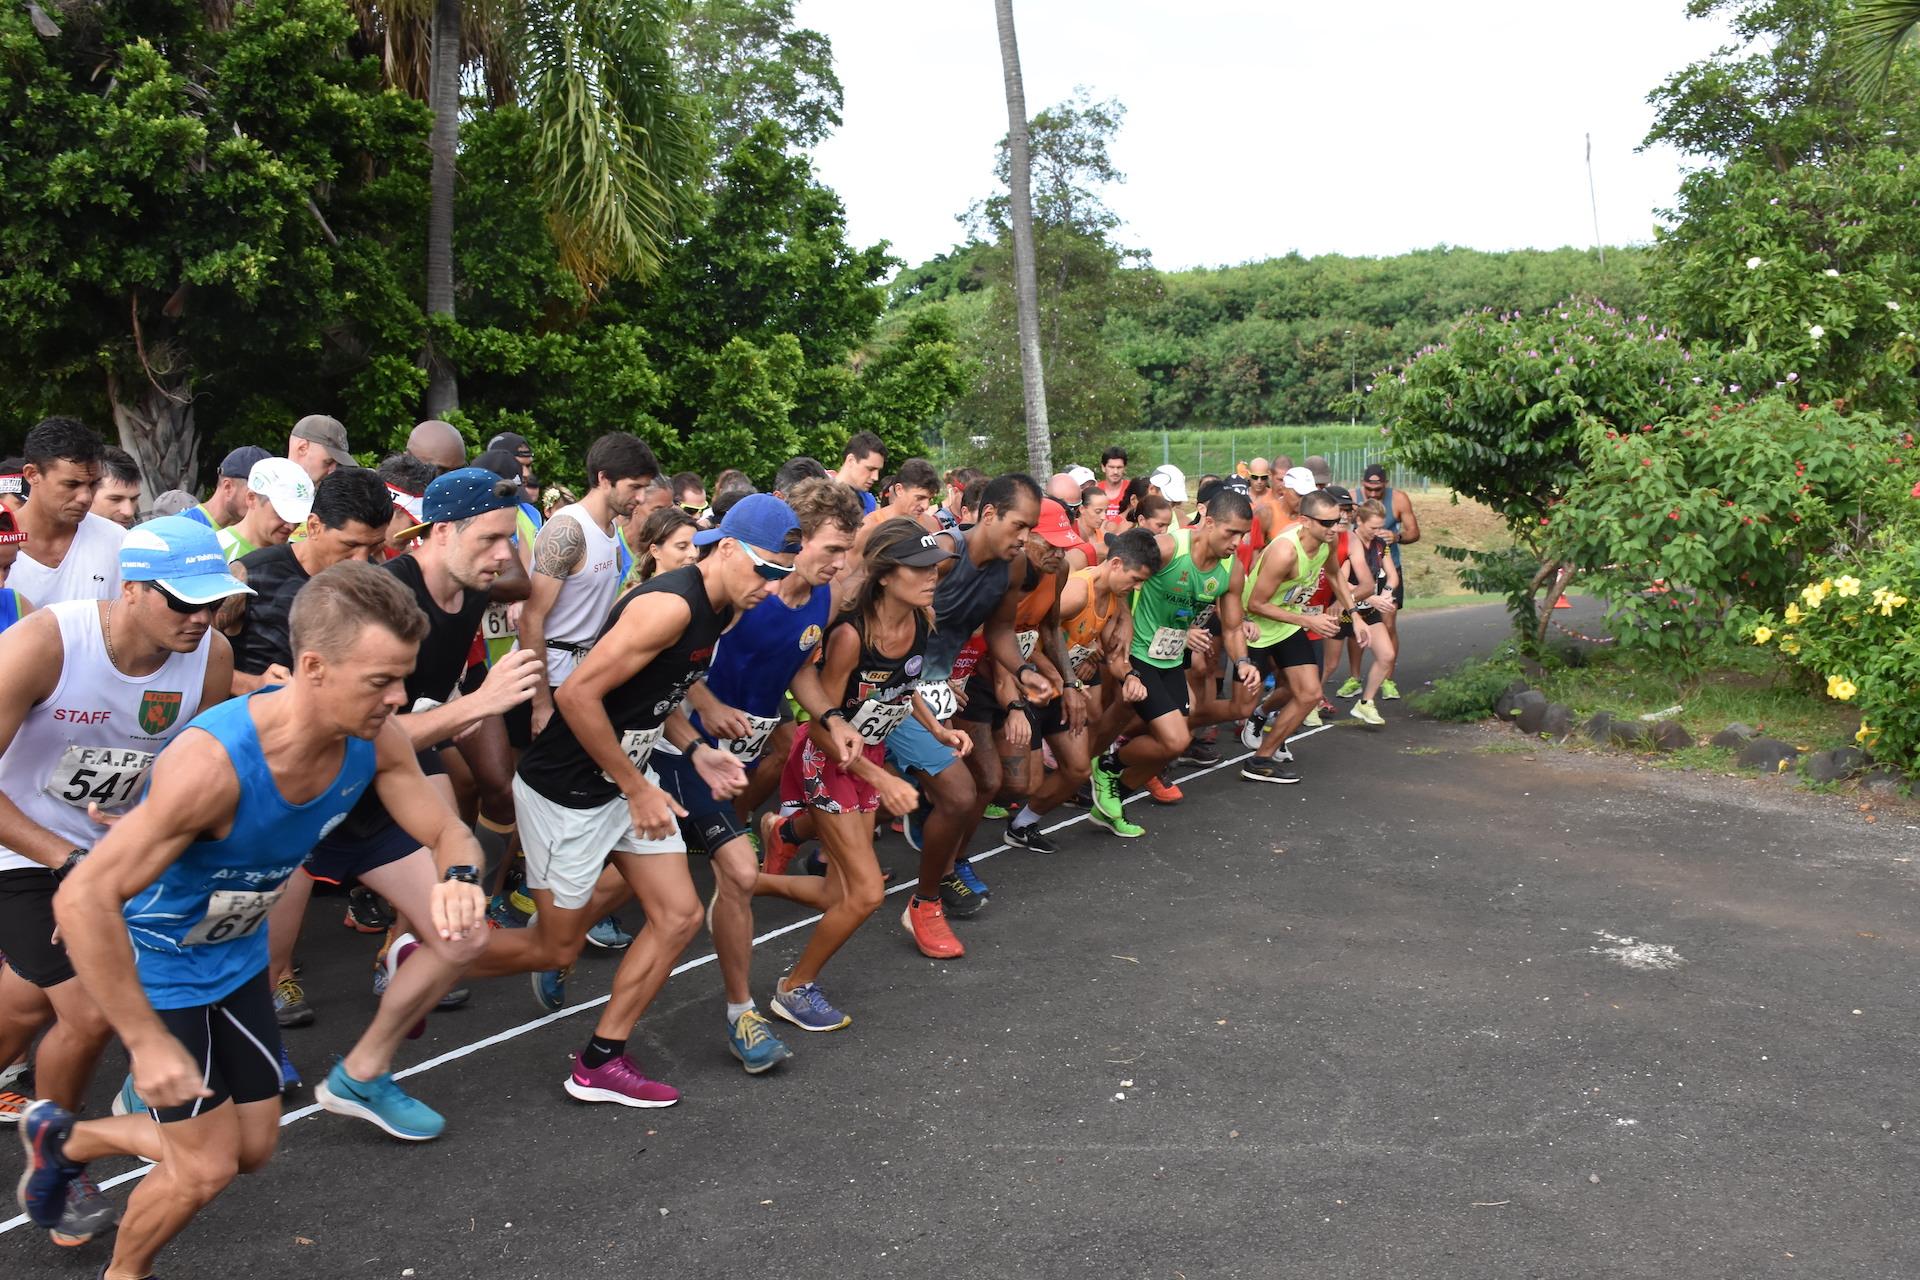 Les athlètes devaient effectuer quatre boucles de 2 kilomètres autour du parc Vairai à Punaauia.